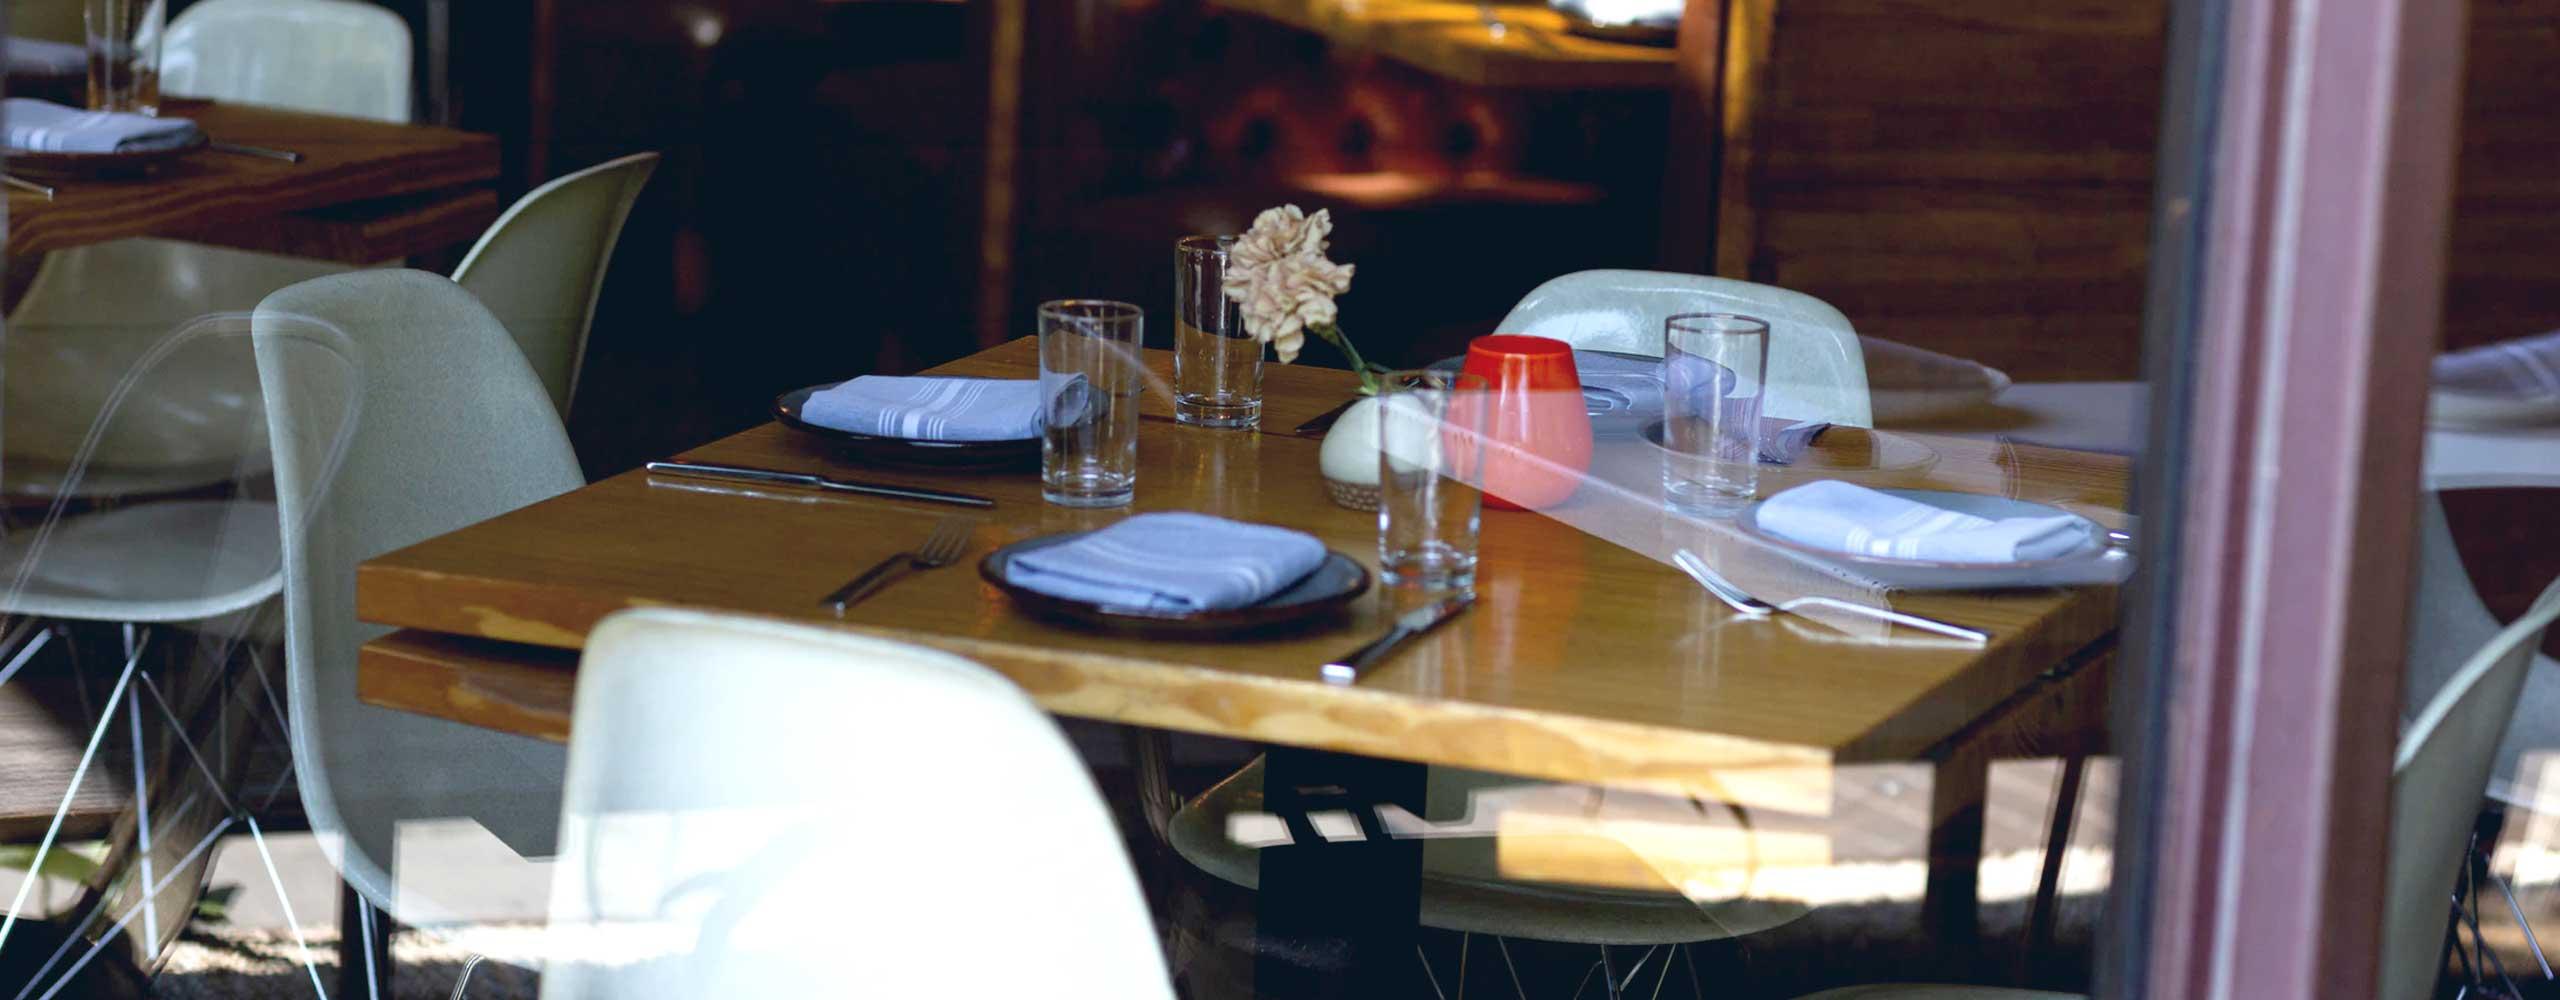 Empty restaurant photo